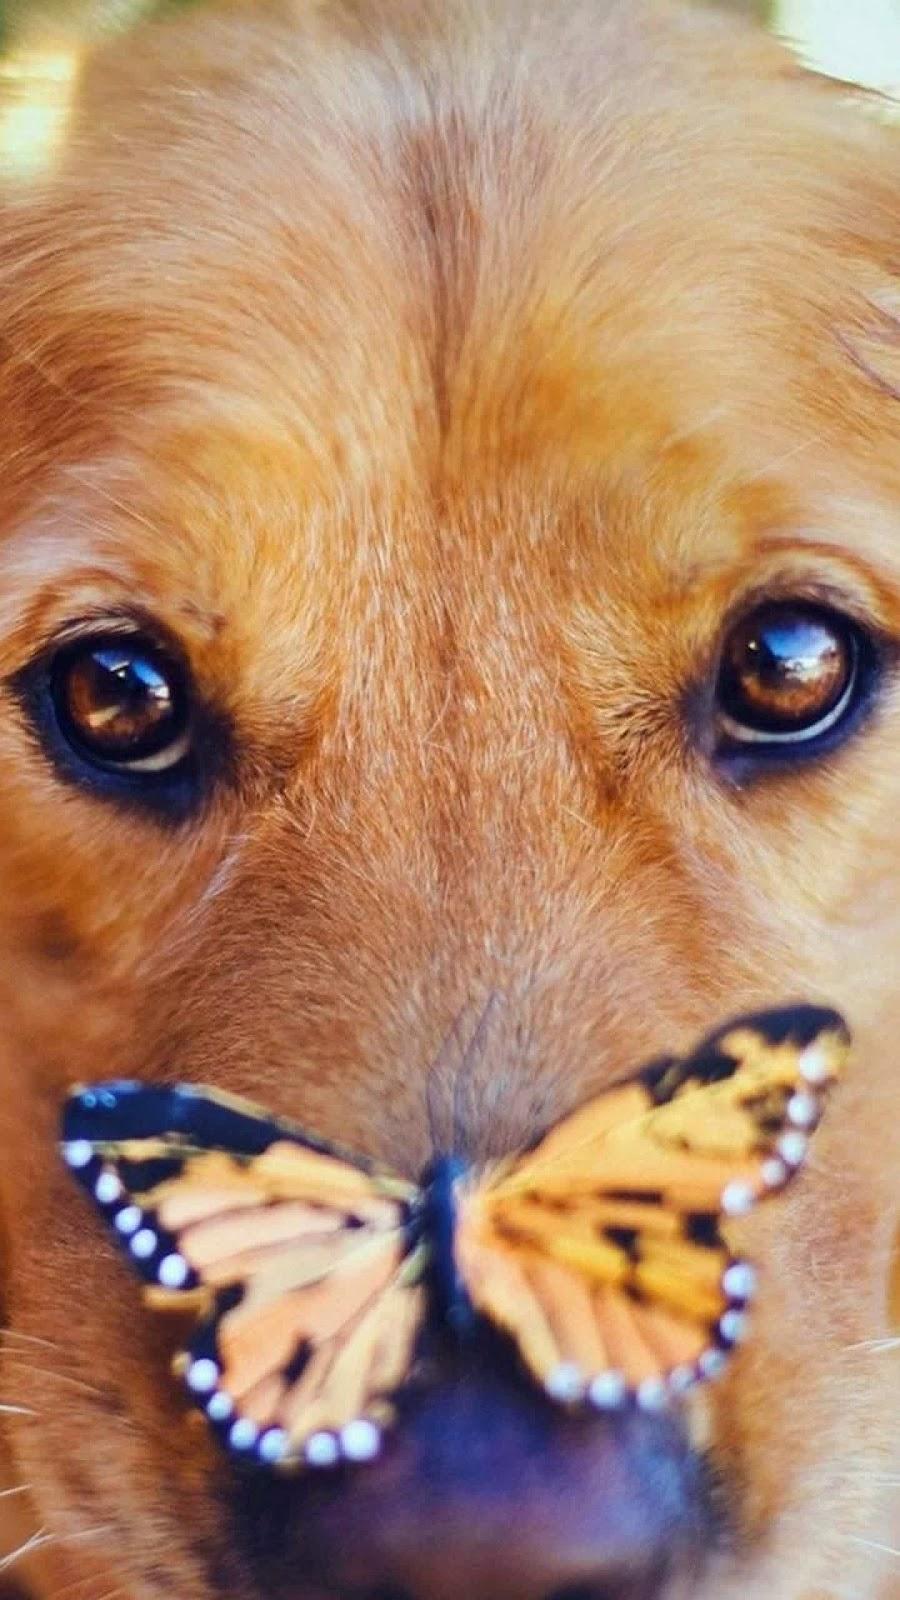 Menguji Obat Ke Anjing Atau Hewan Peliharaan Artikel Bermanfaat